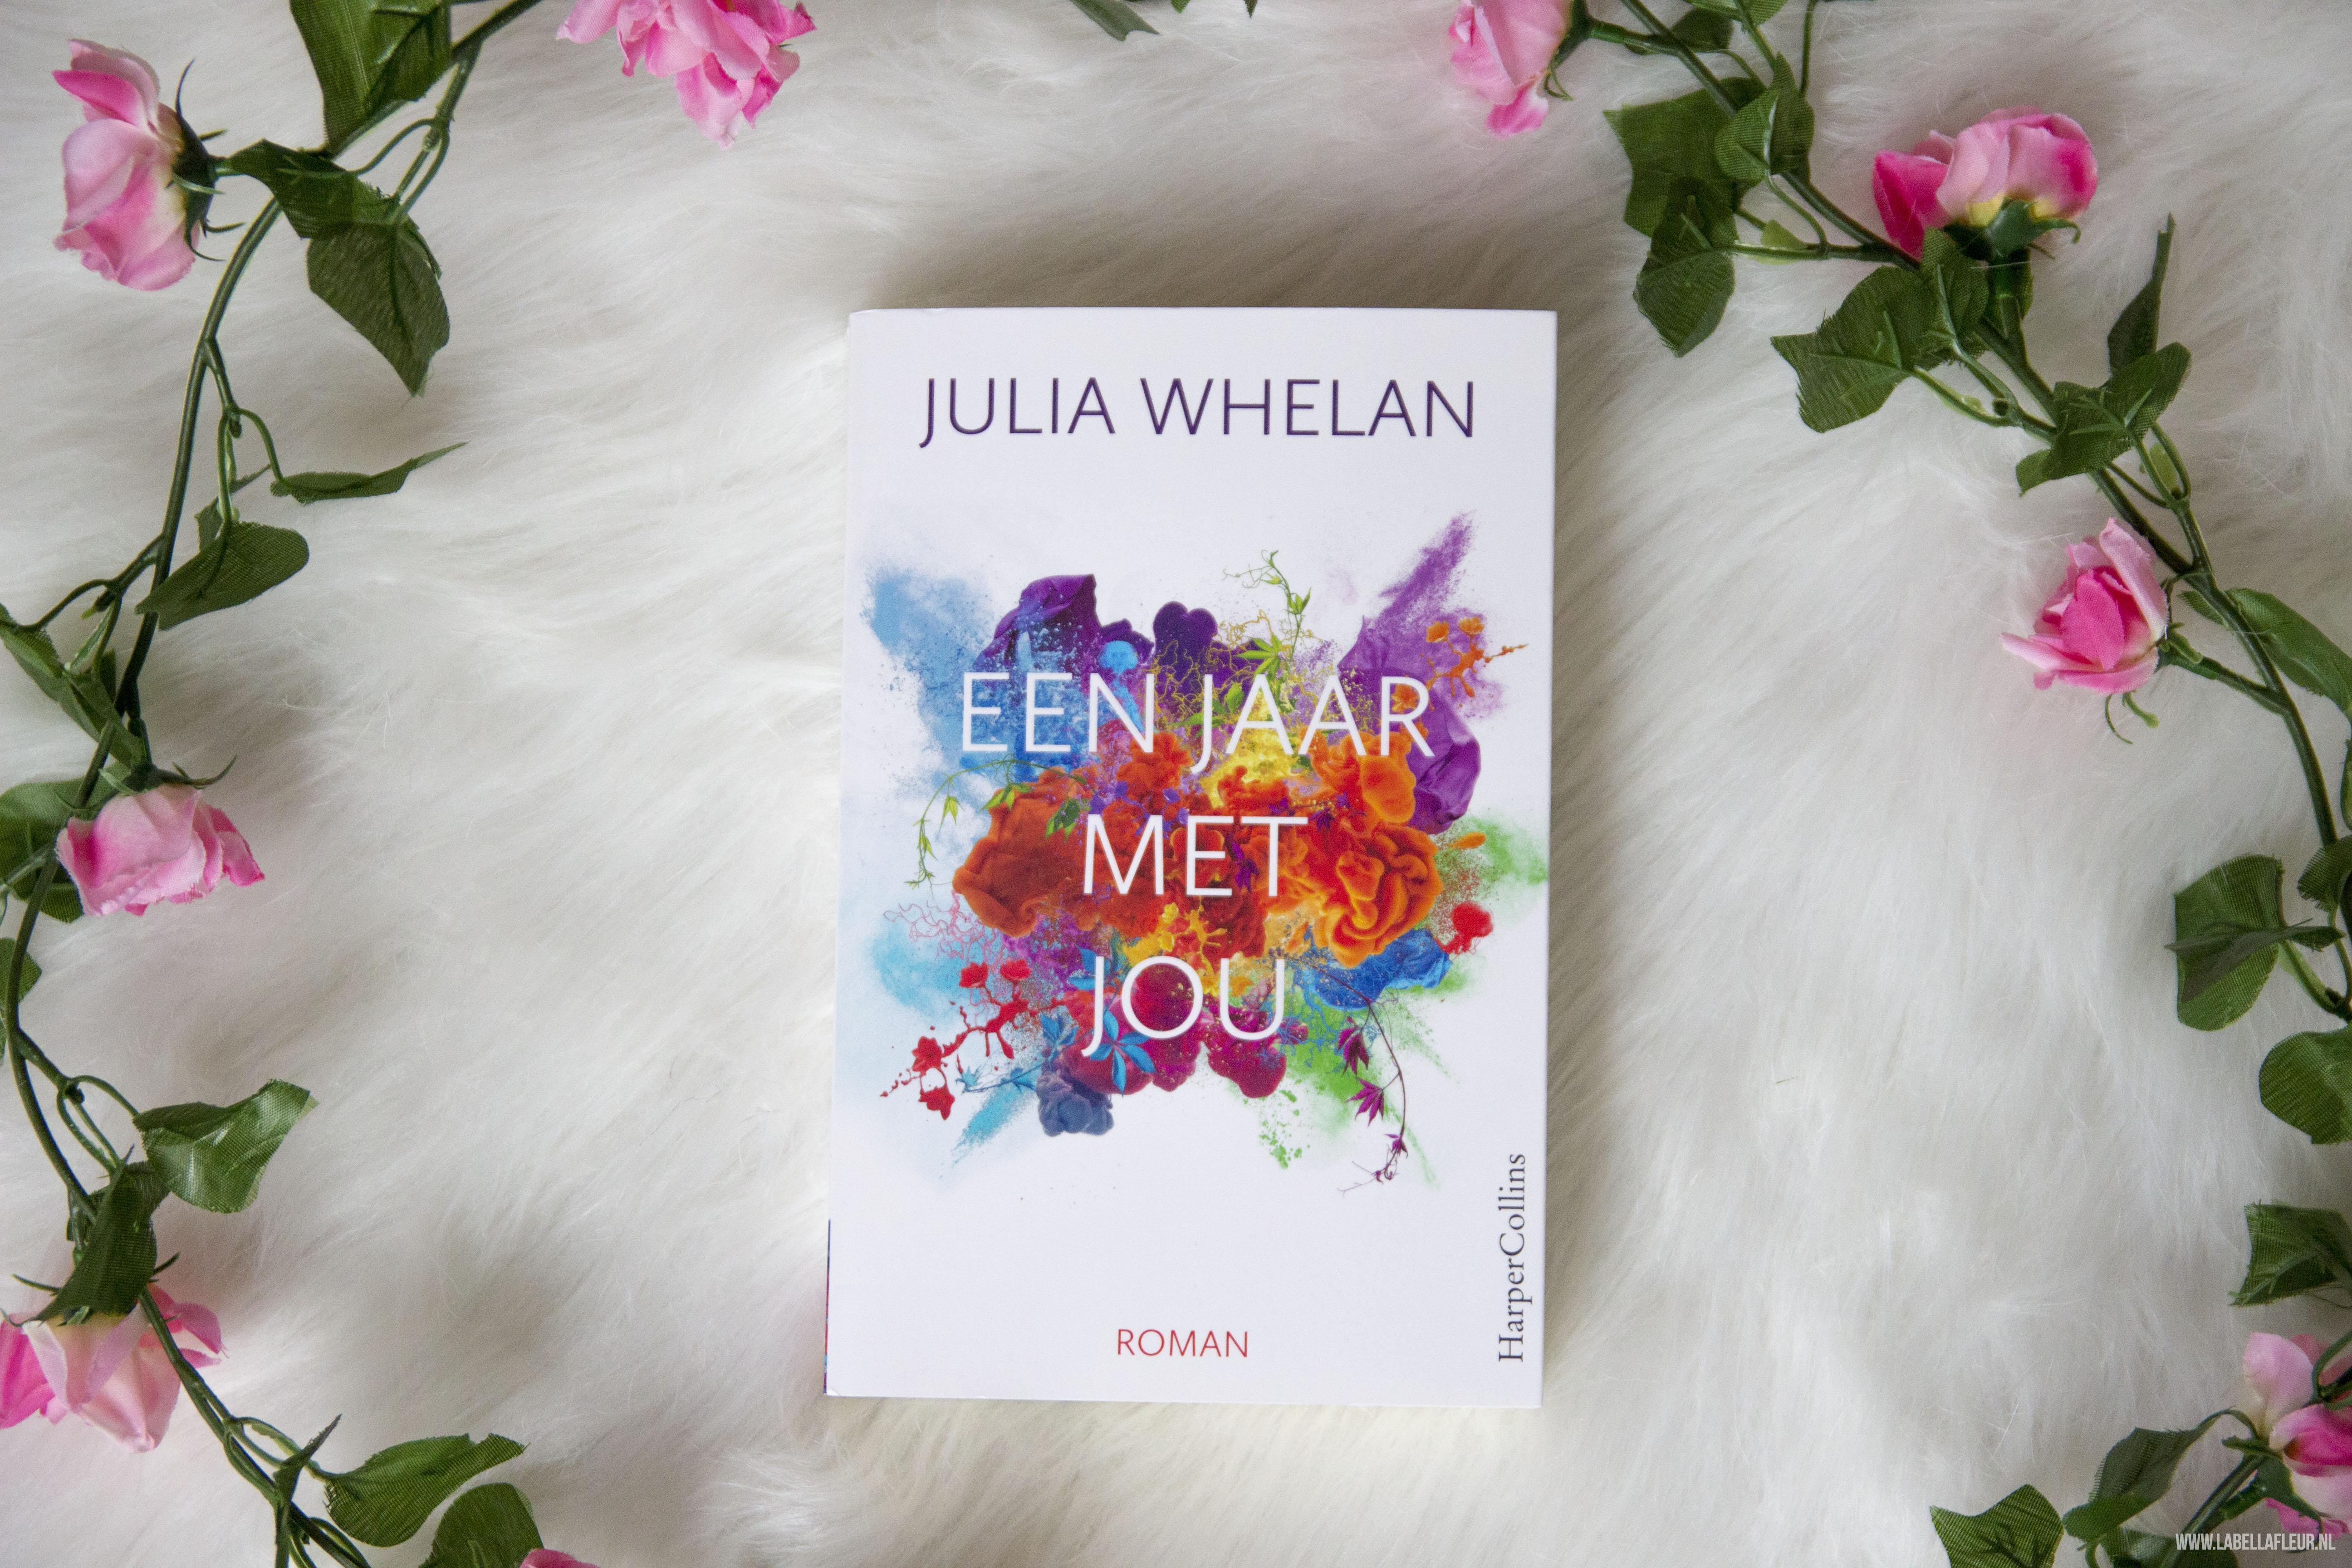 Boeken, gelezen, julia whelan, een jaar met jou, winactie